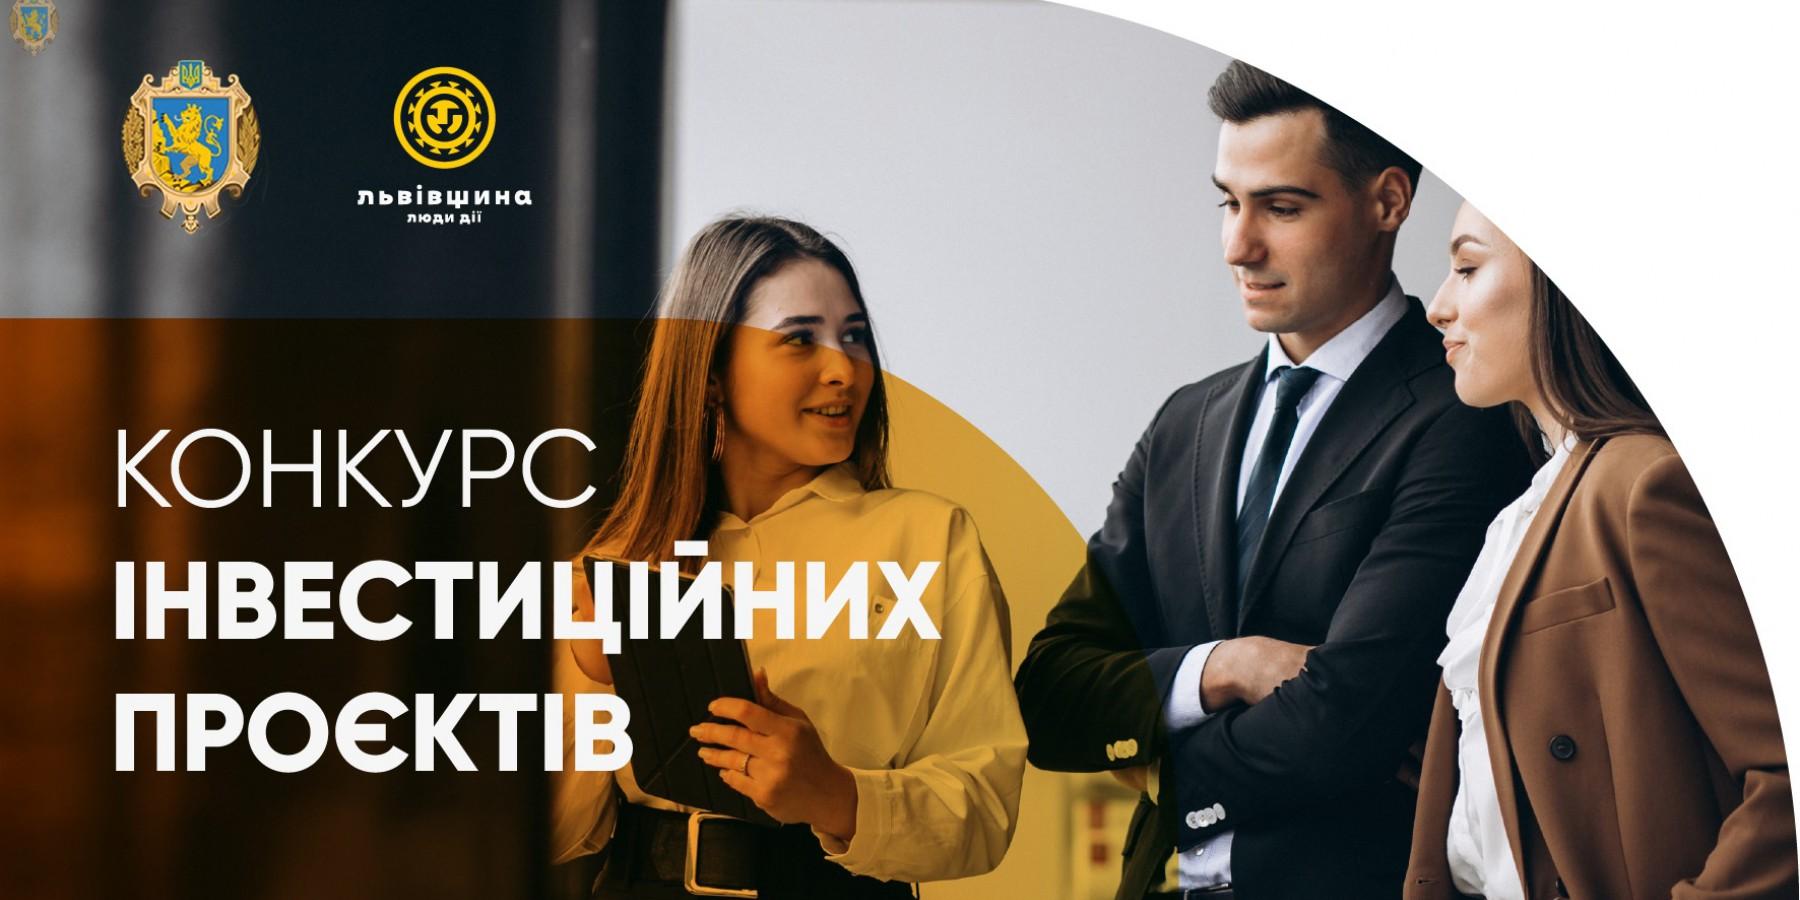 Стартує конкурс інвестиційних проєктів для представників малого бізнесу